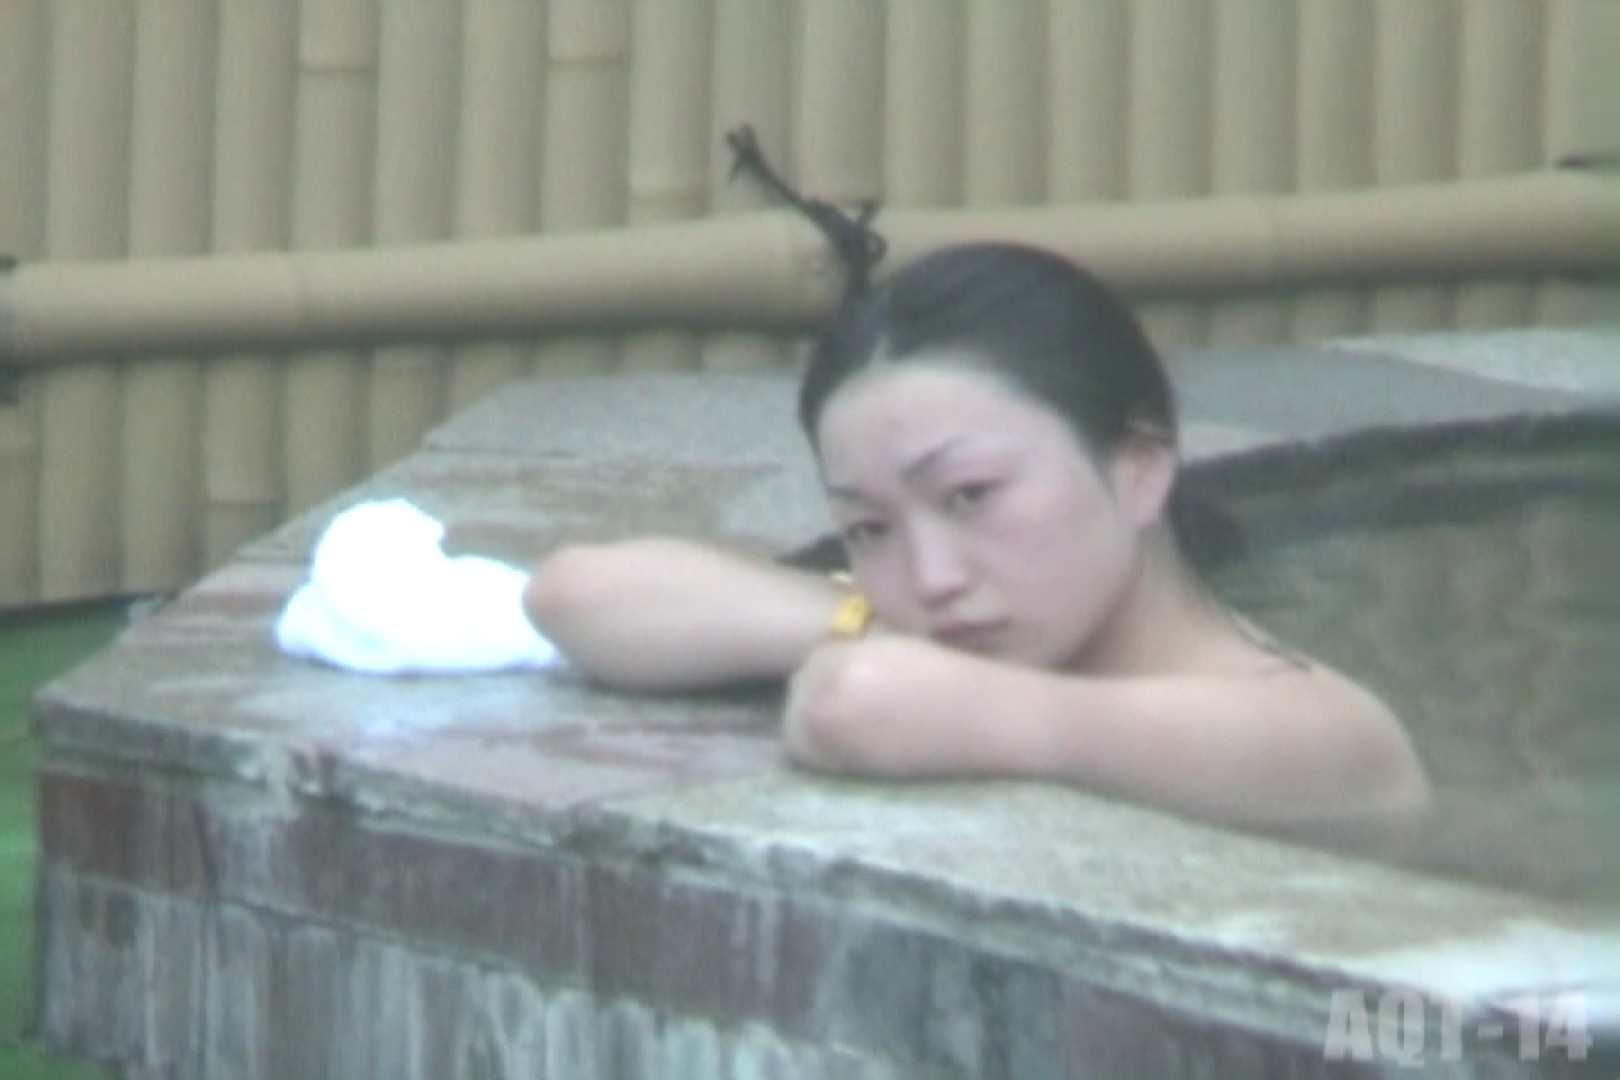 Aquaな露天風呂Vol.826 露天 | 盗撮  58pic 40